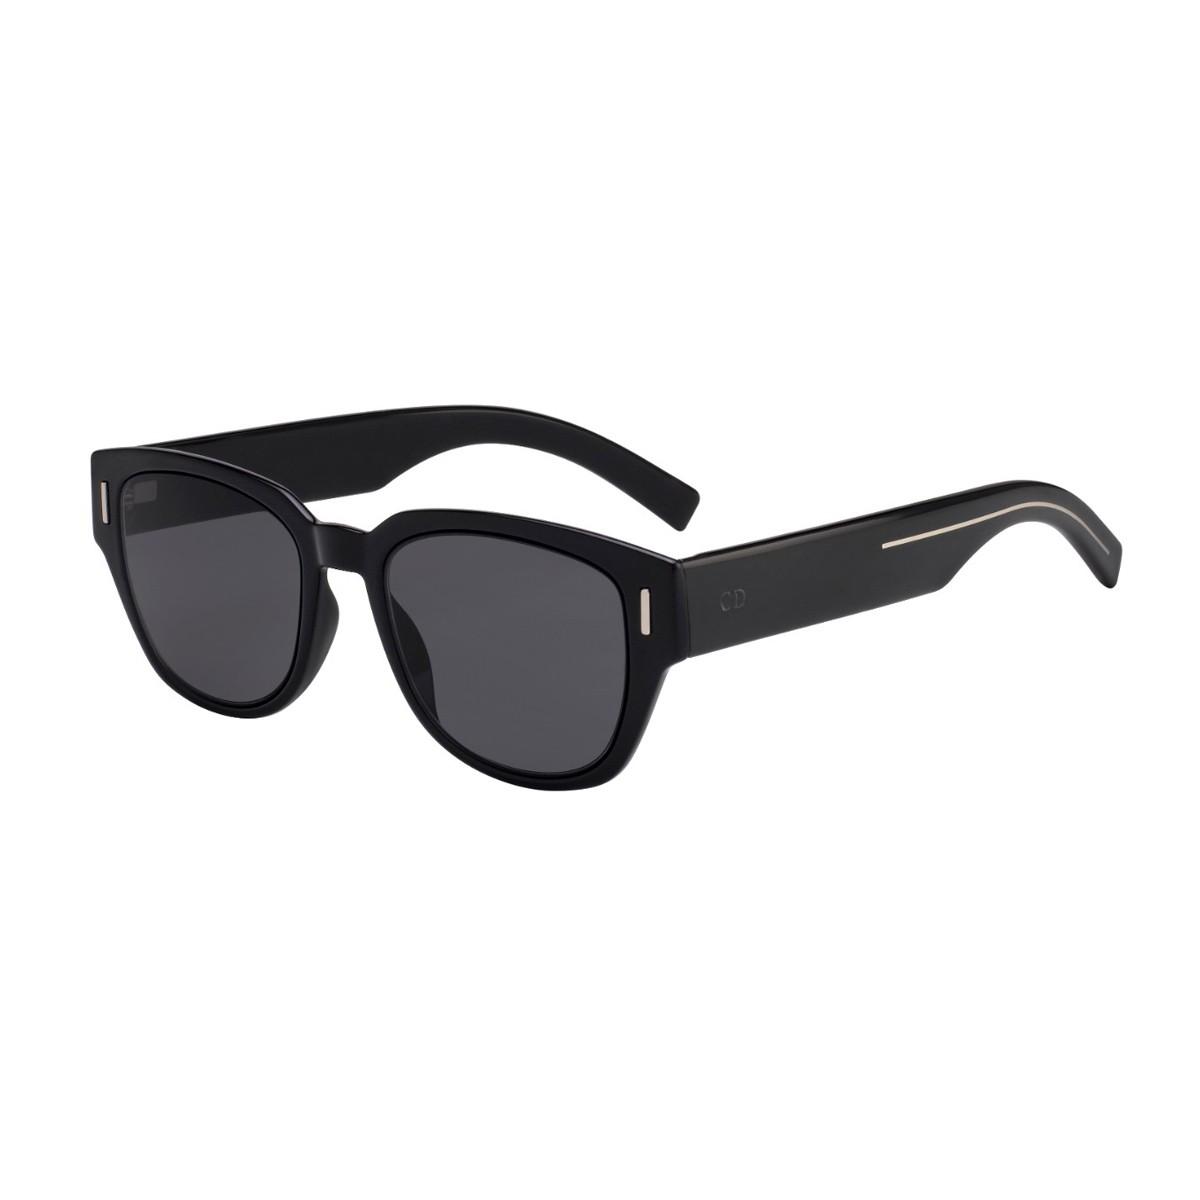 Dior Fraction 3 | Occhiali da sole Uomo